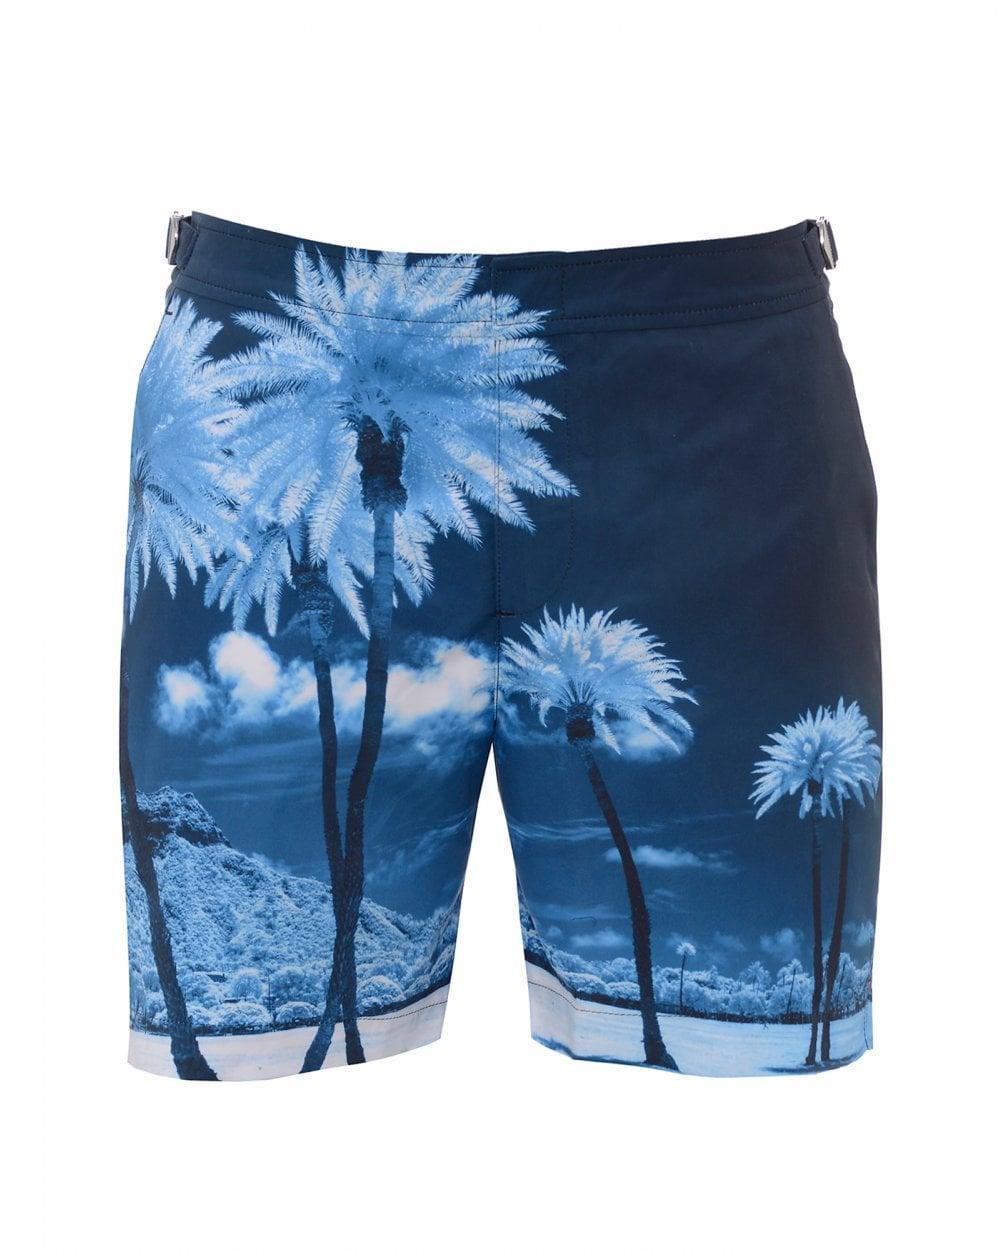 bb5b44418e Orlebar Brown. Men's Bulldog Blue Palms Swimshorts, Mid-length Swimming  Trunks